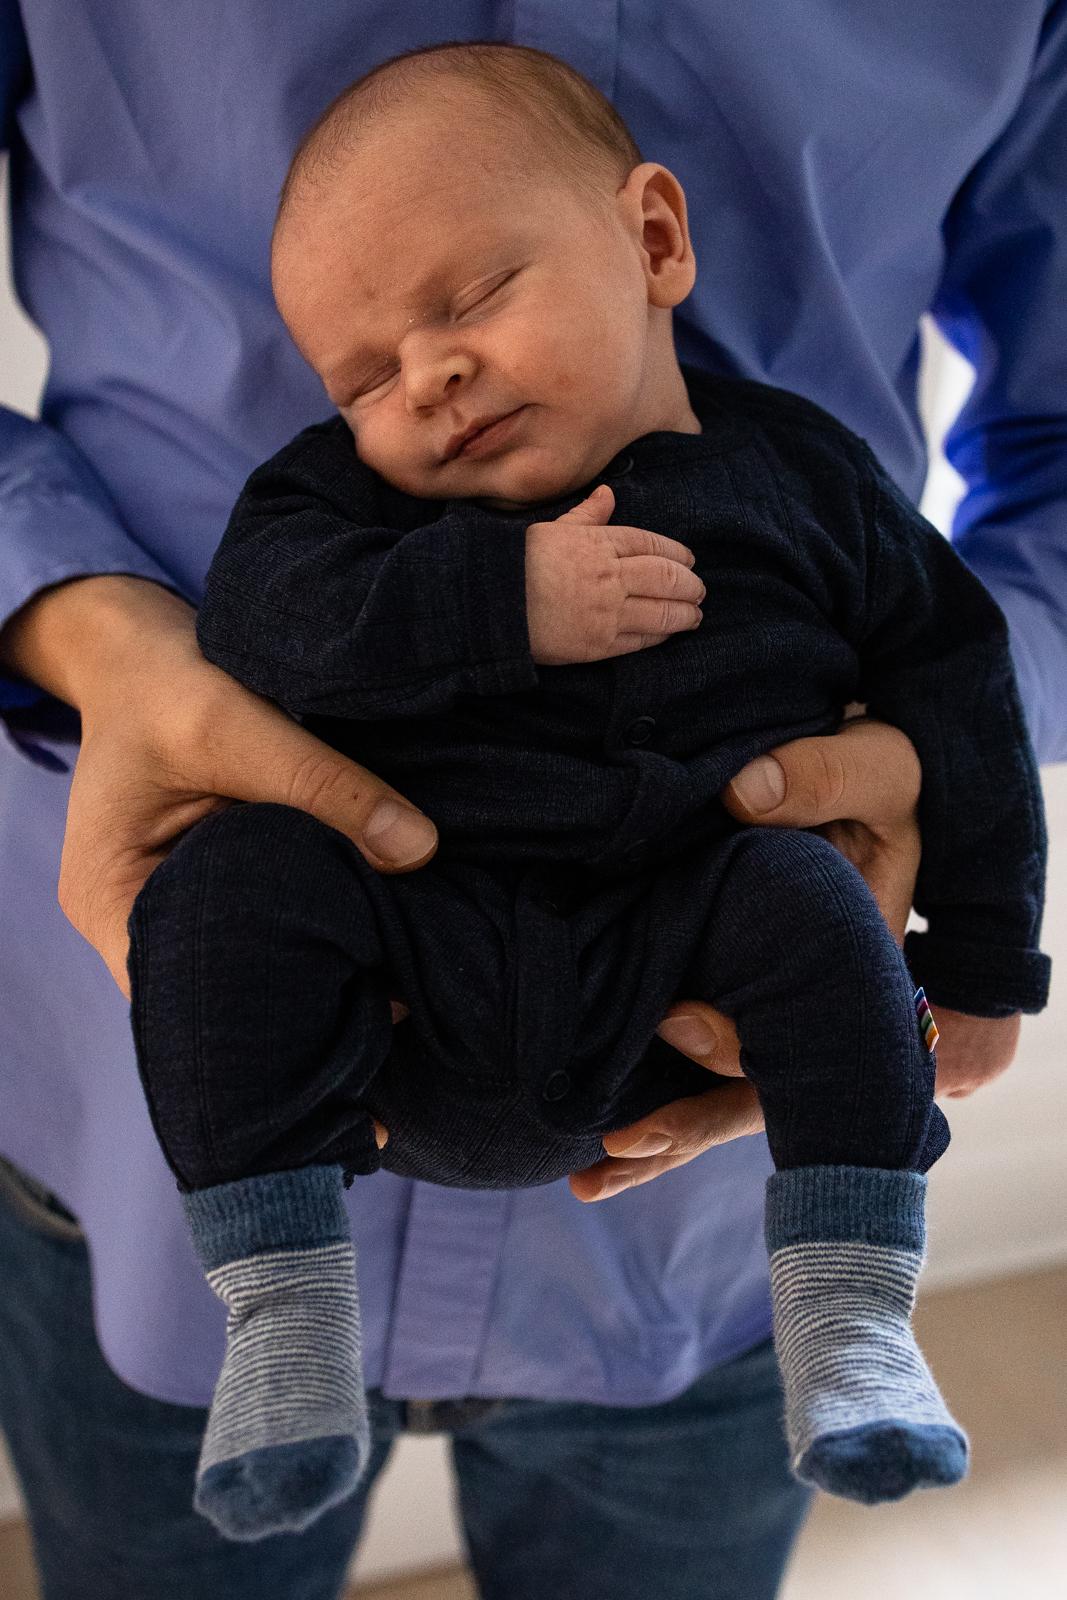 Ein Baby schläft in den Armen seines Vaters.